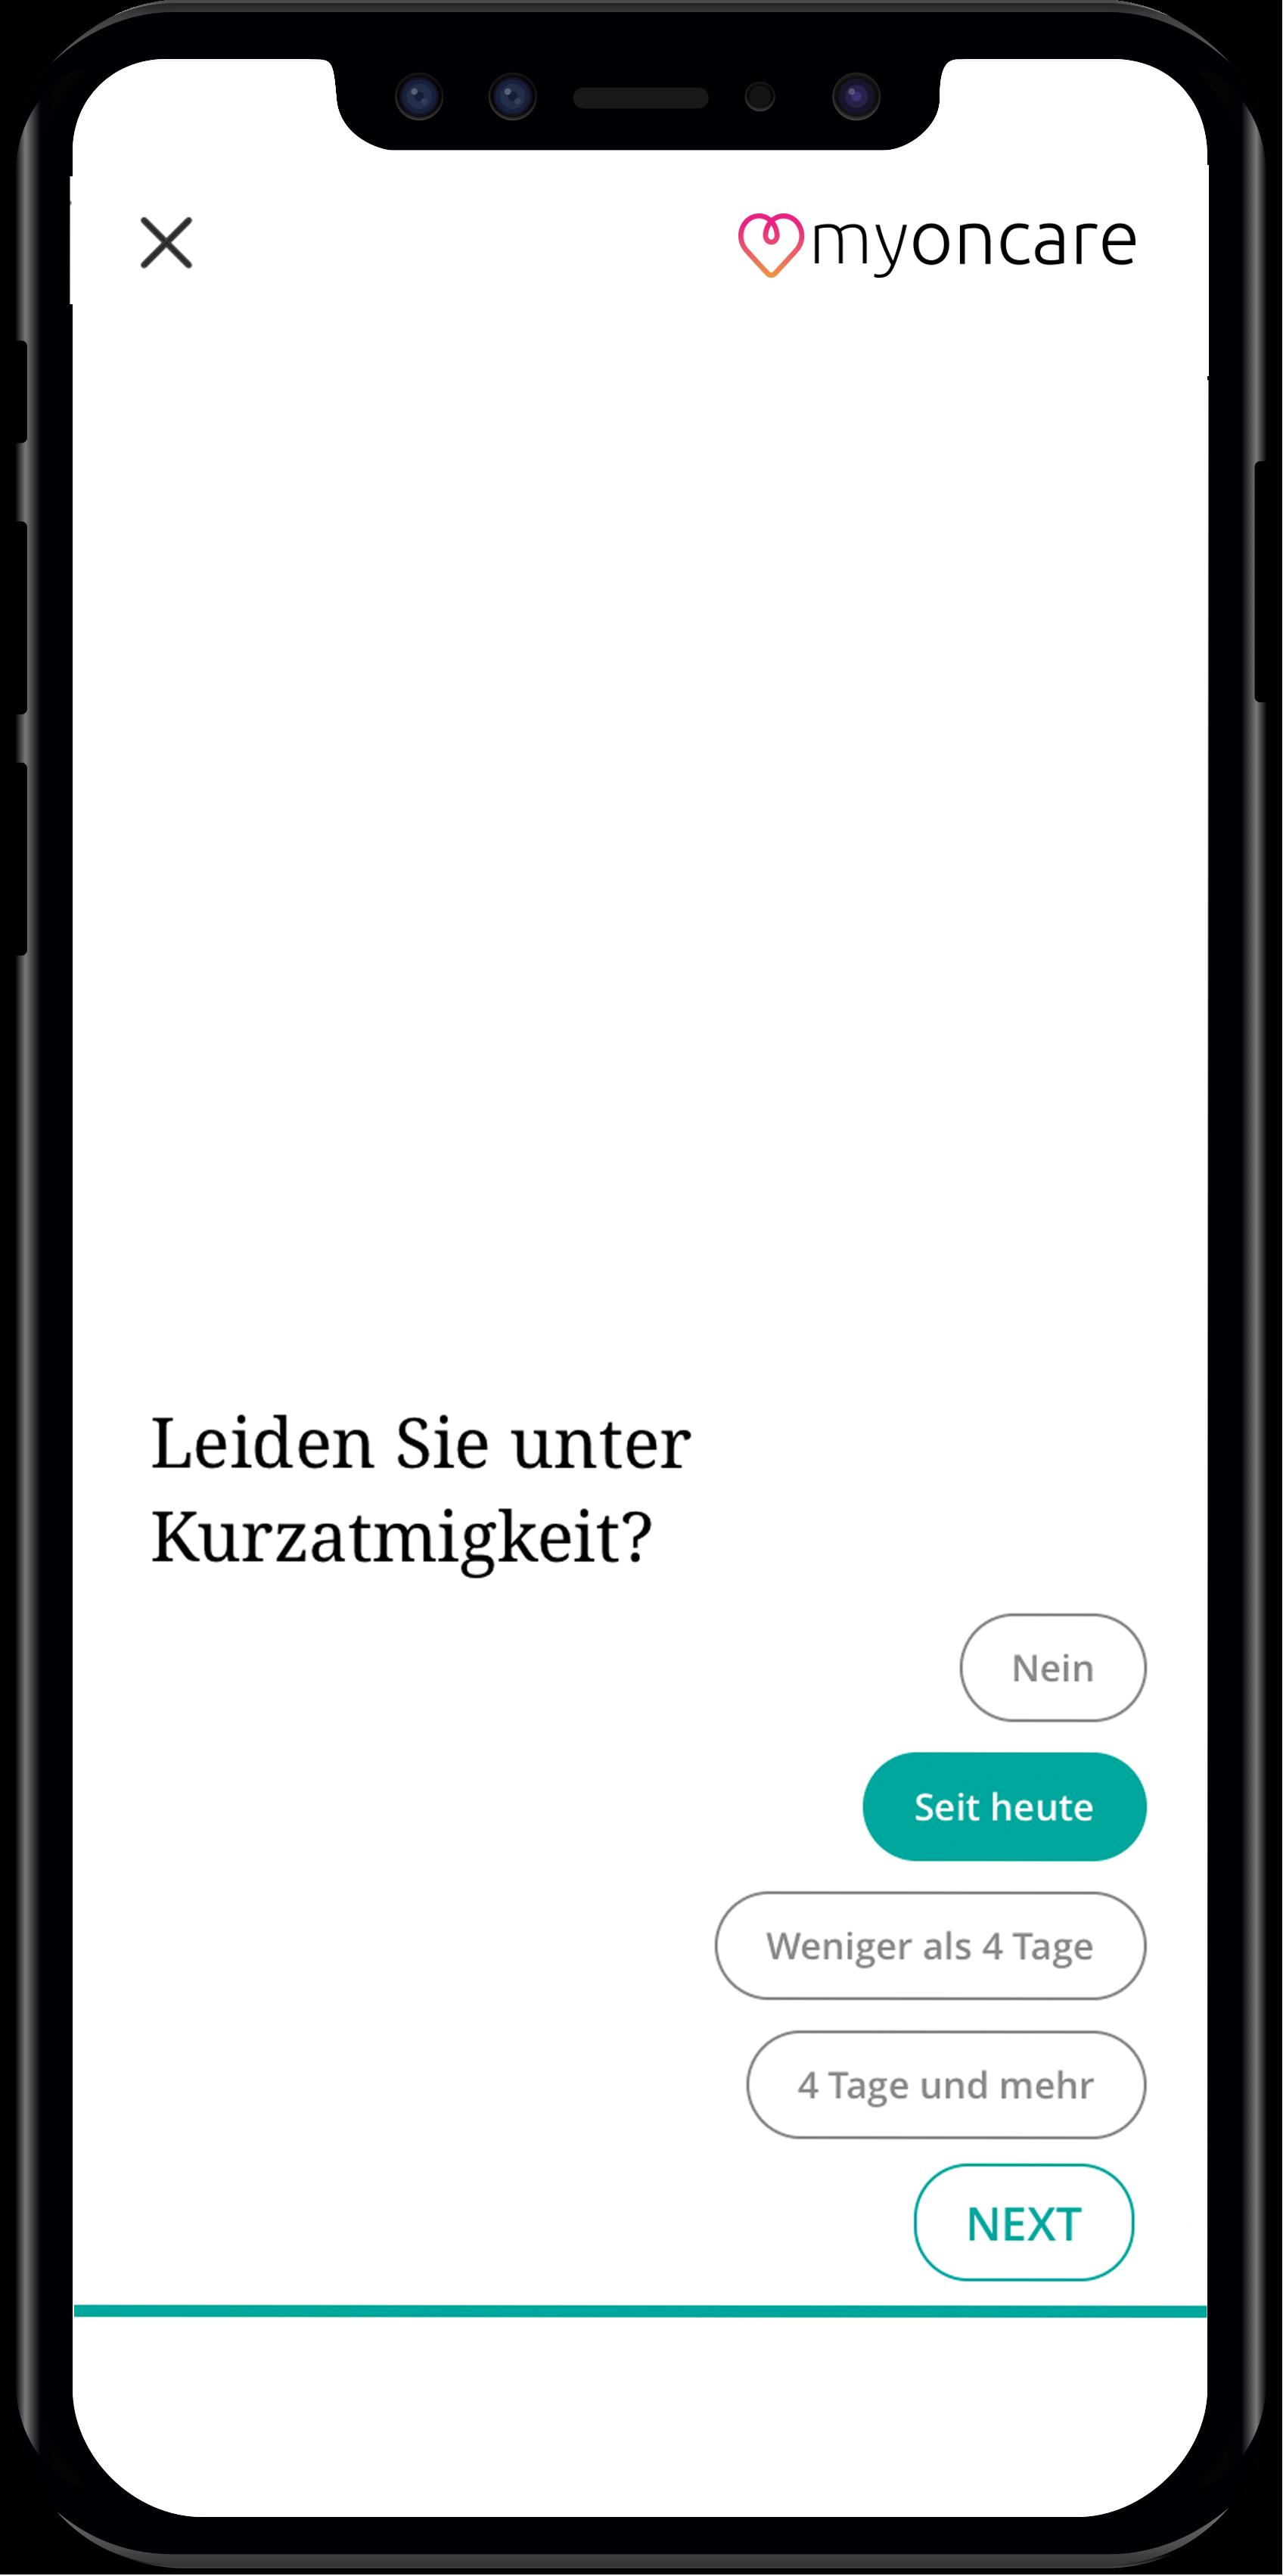 App-Ansicht im App Store